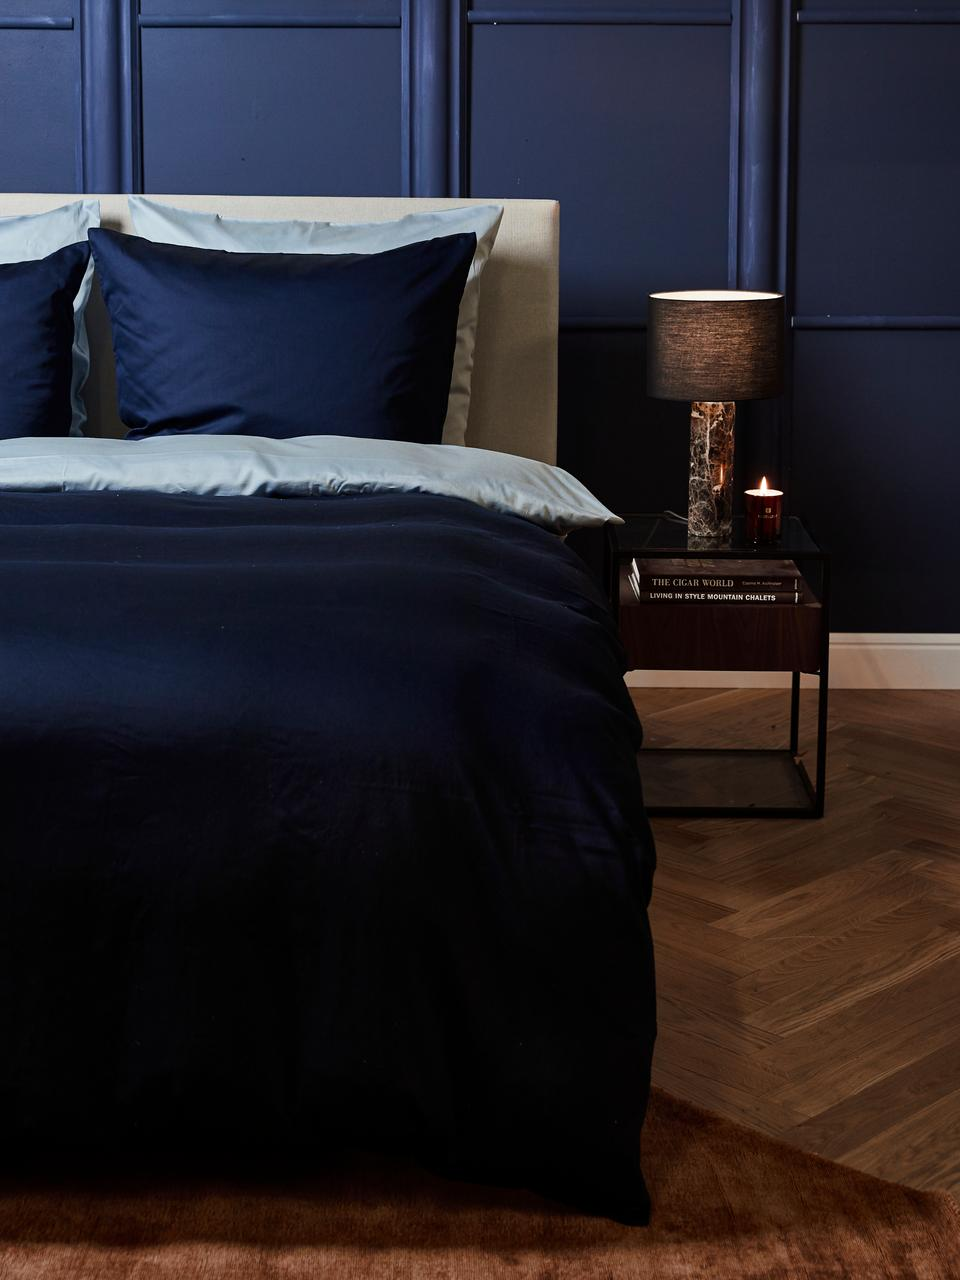 Pościel z satyny bawełnianej Comfort, Ciemny niebieski, 135 x 200 cm